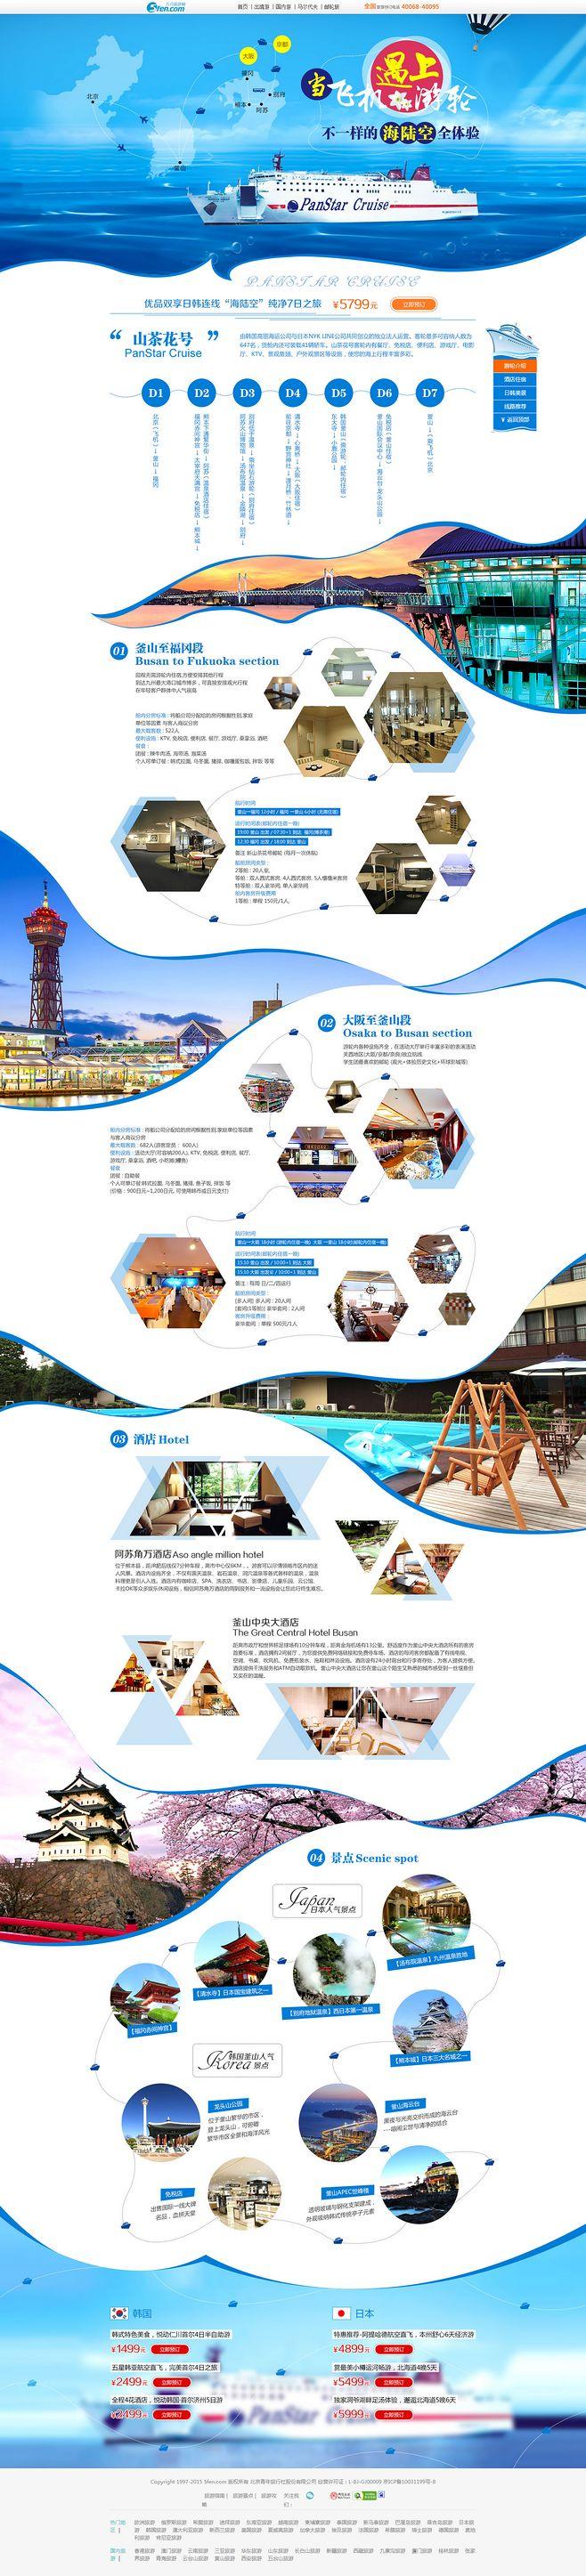 일본과 한국 여행, 한국 관광, 일본과 한국에 여행 경비 -...